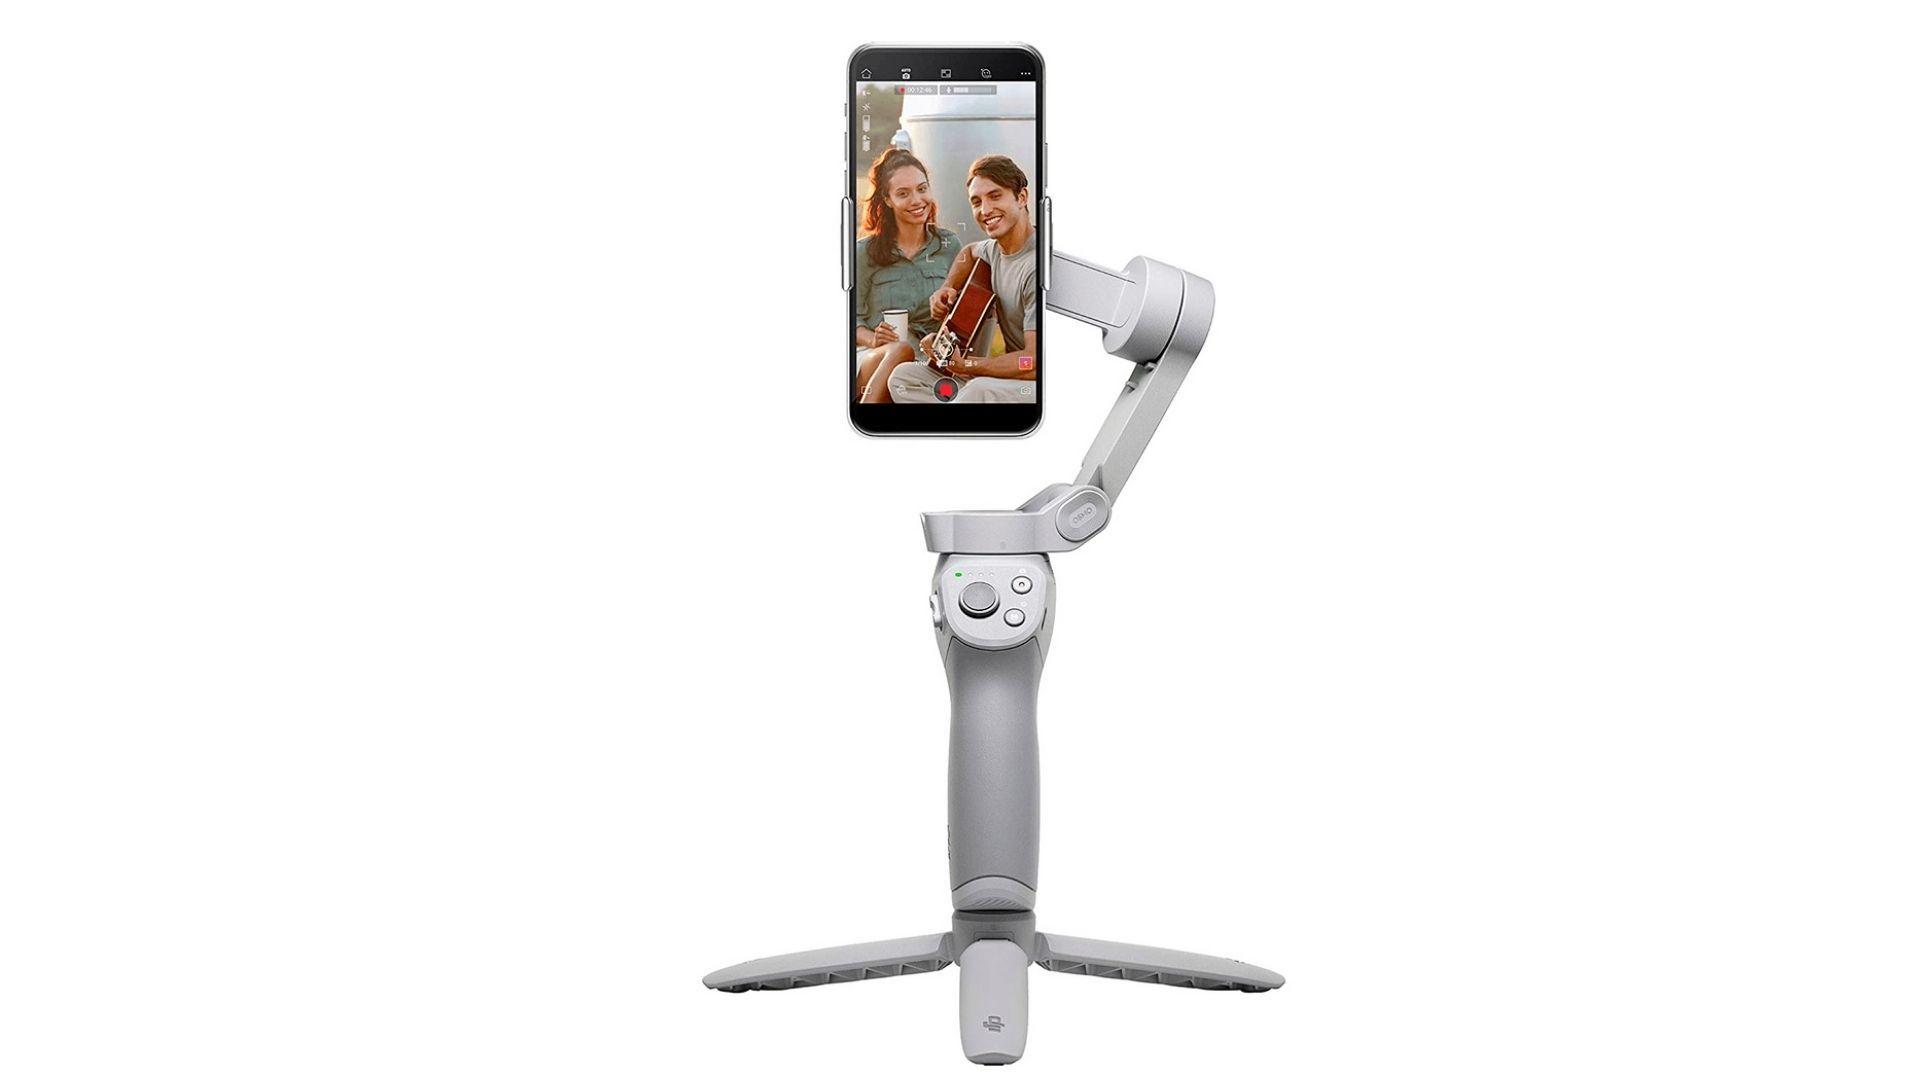 Foto do estabilizador de celular DJI OM 4 com um celular